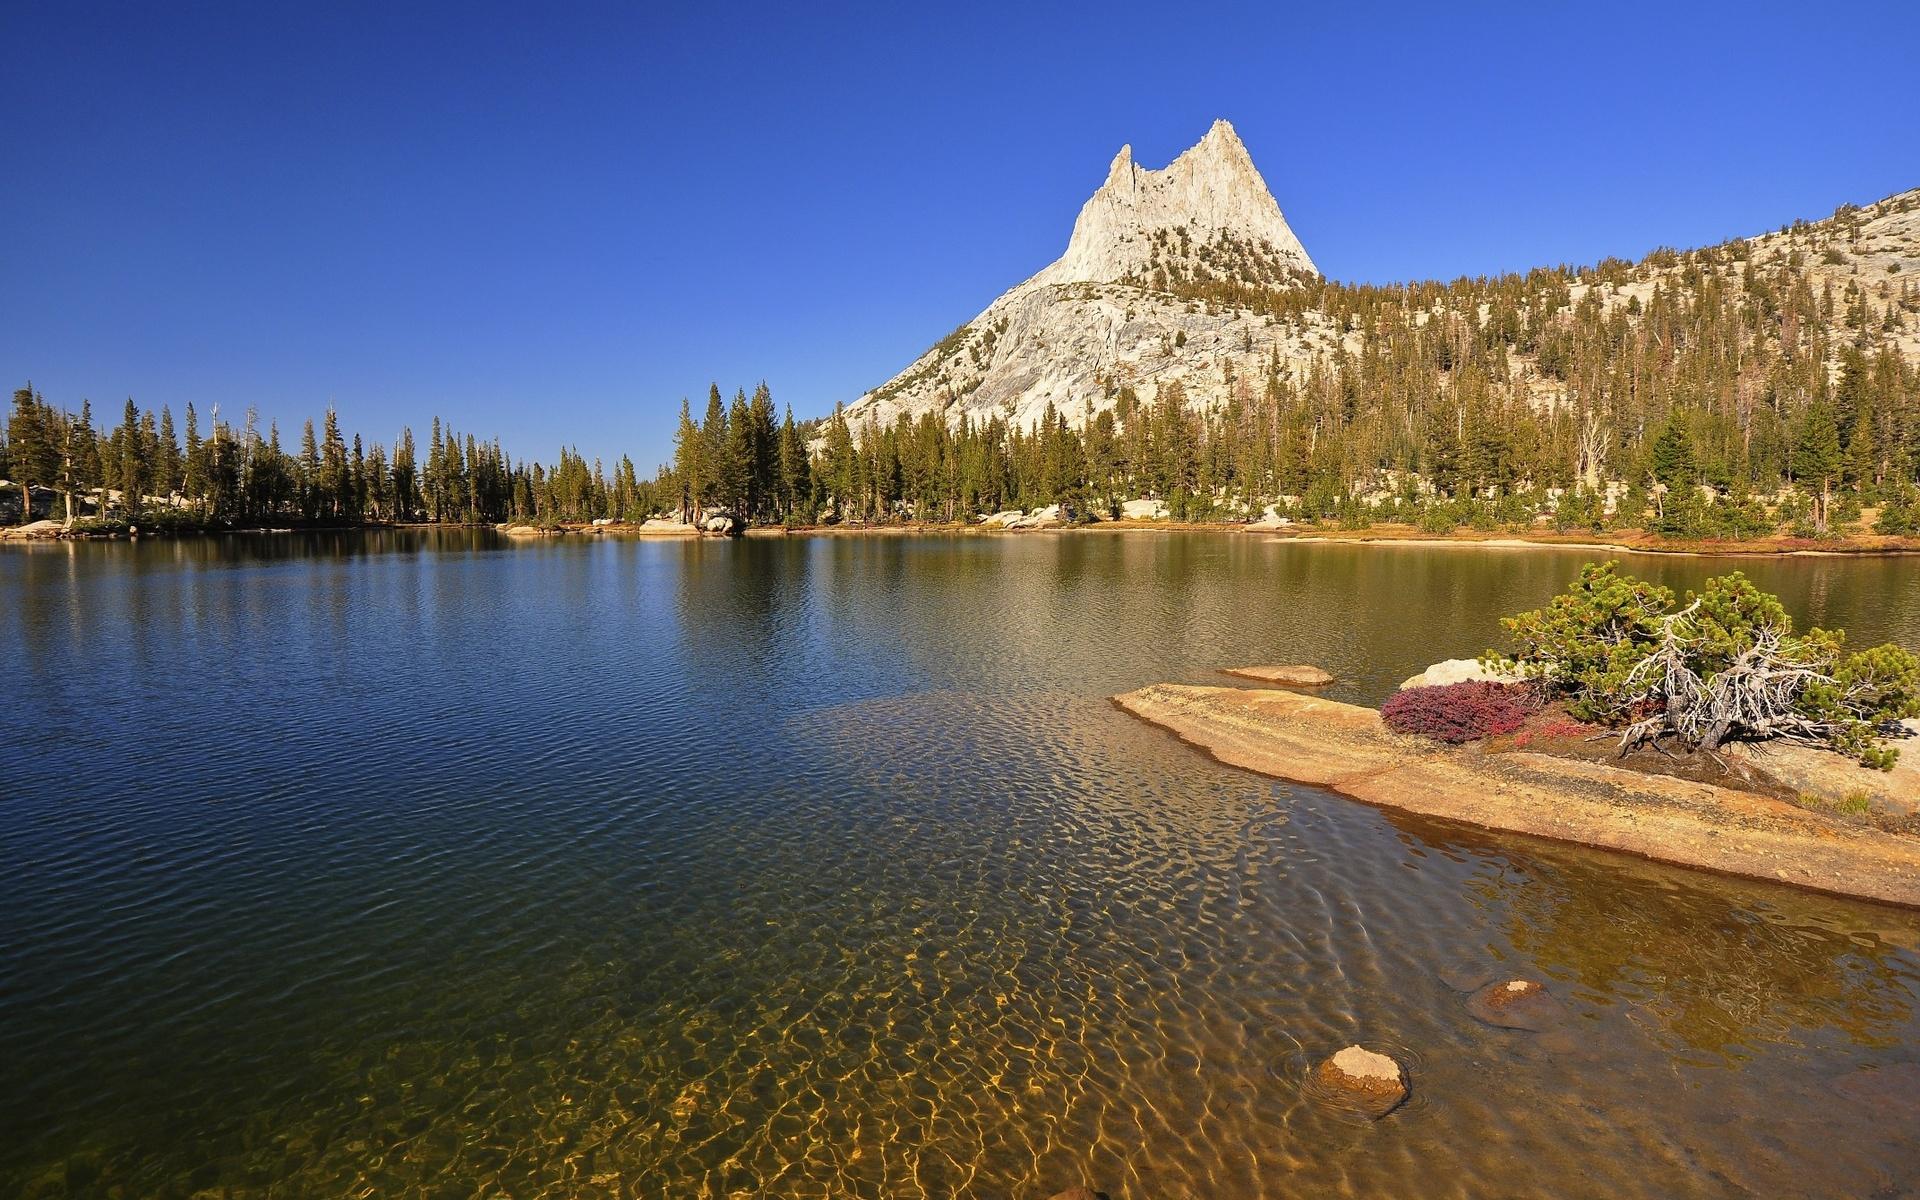 озеро гора ели без смс